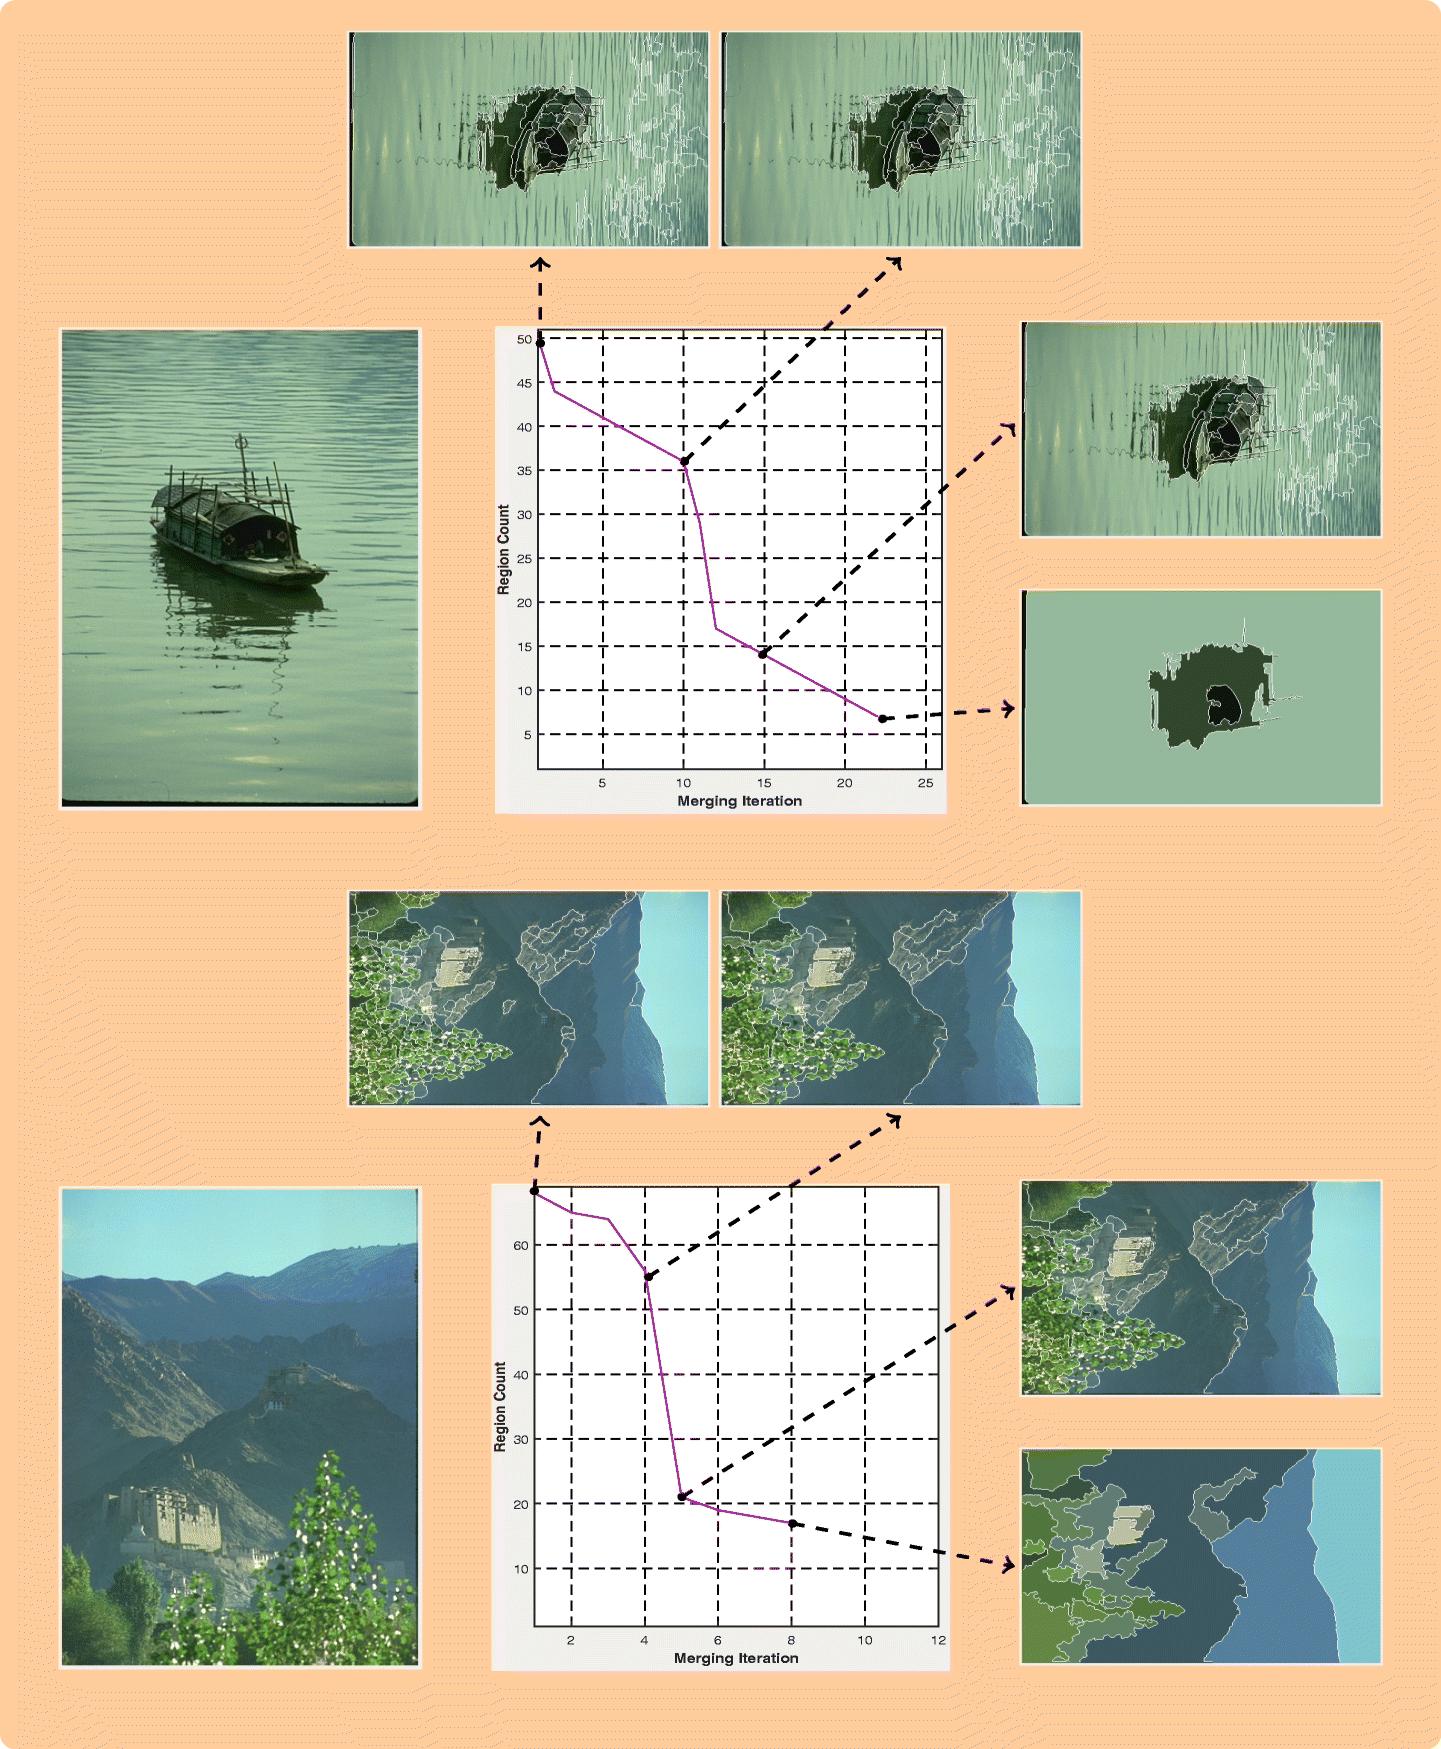 Image segmentation via multi dimensional color transform and